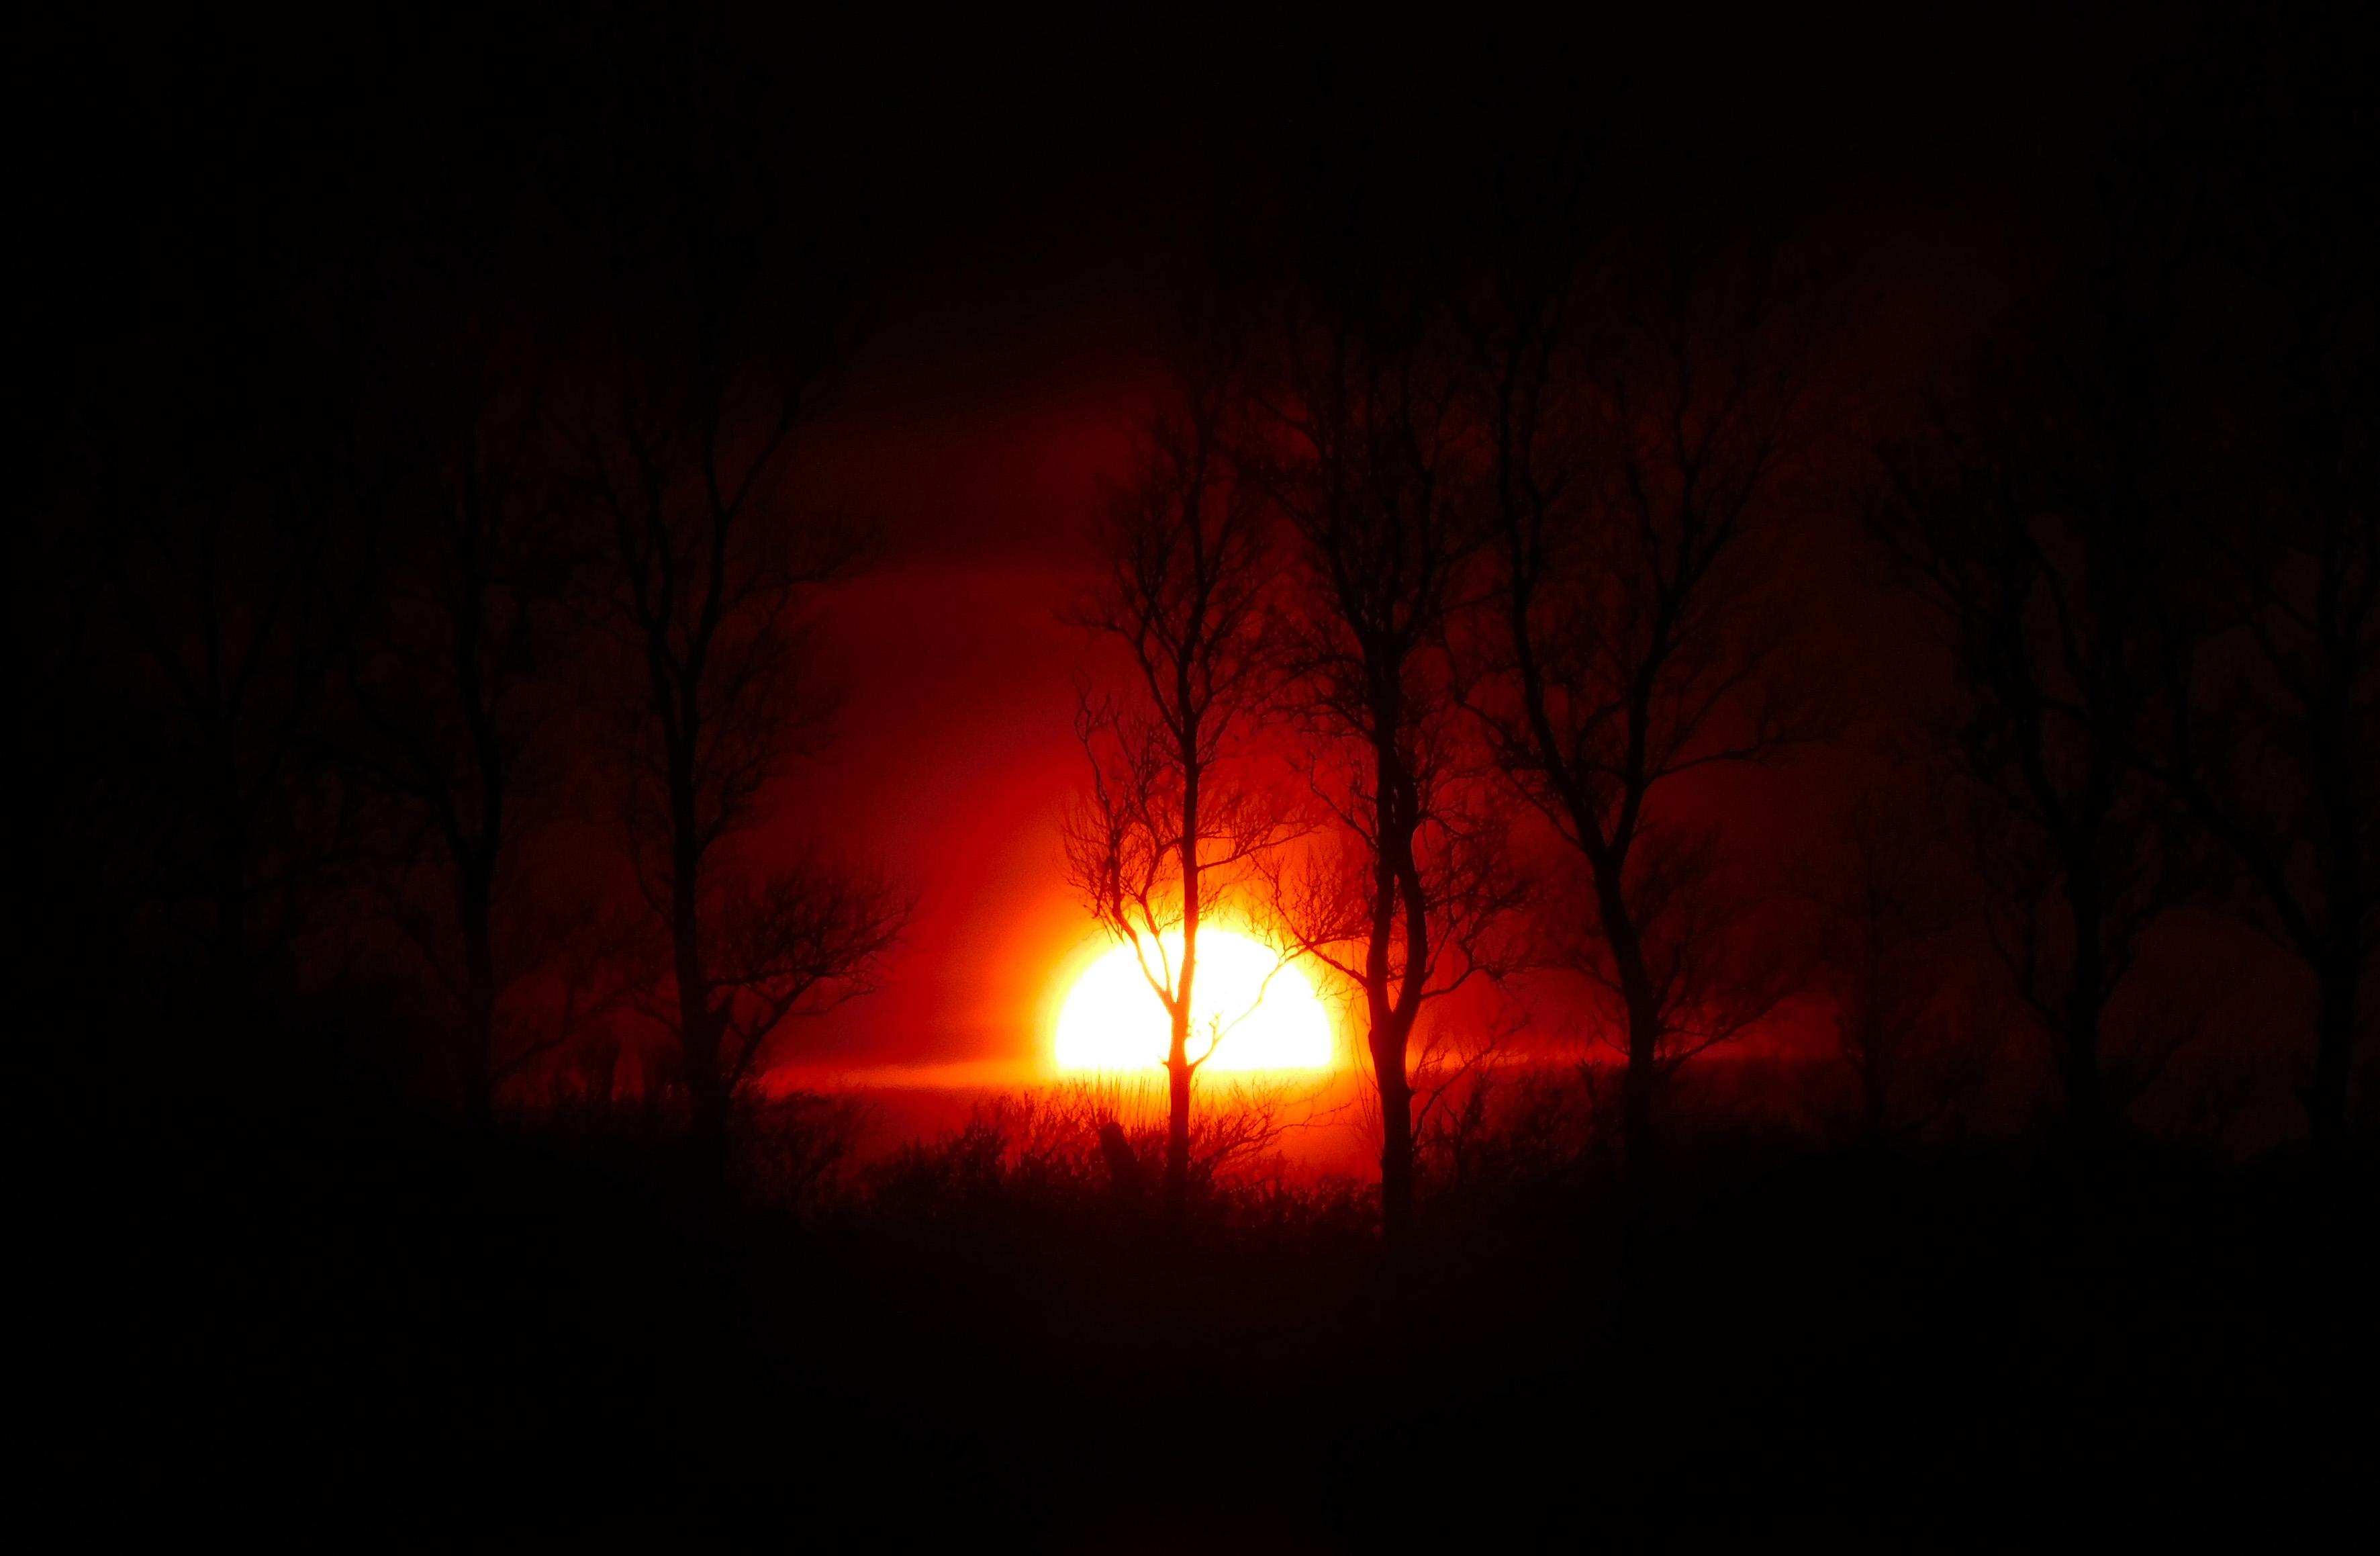 De ondergaande zon die achter de bomen wegzakt, heeft iets mystieks – Foto: ©Fransien Fraanje